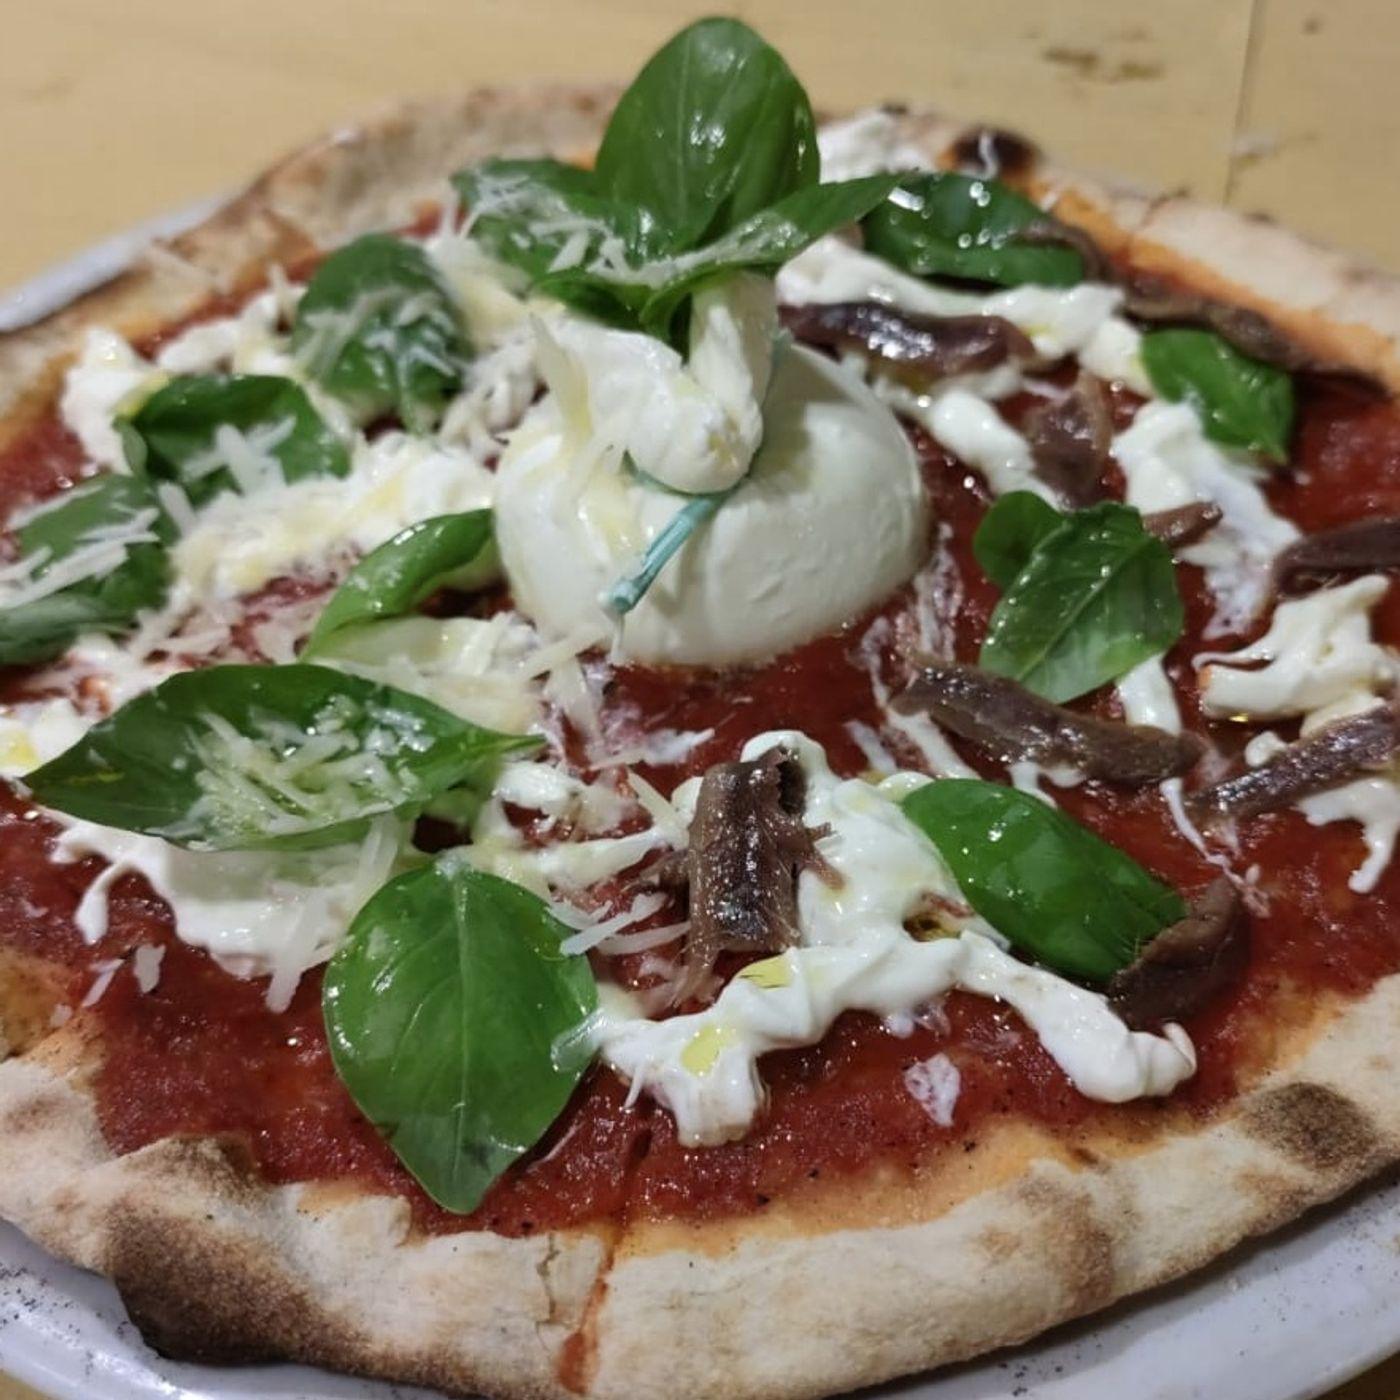 La tendenza della settimana: burrata regina della cucina estiva, sulla pizza spopola (di Alessandra Magliaro)